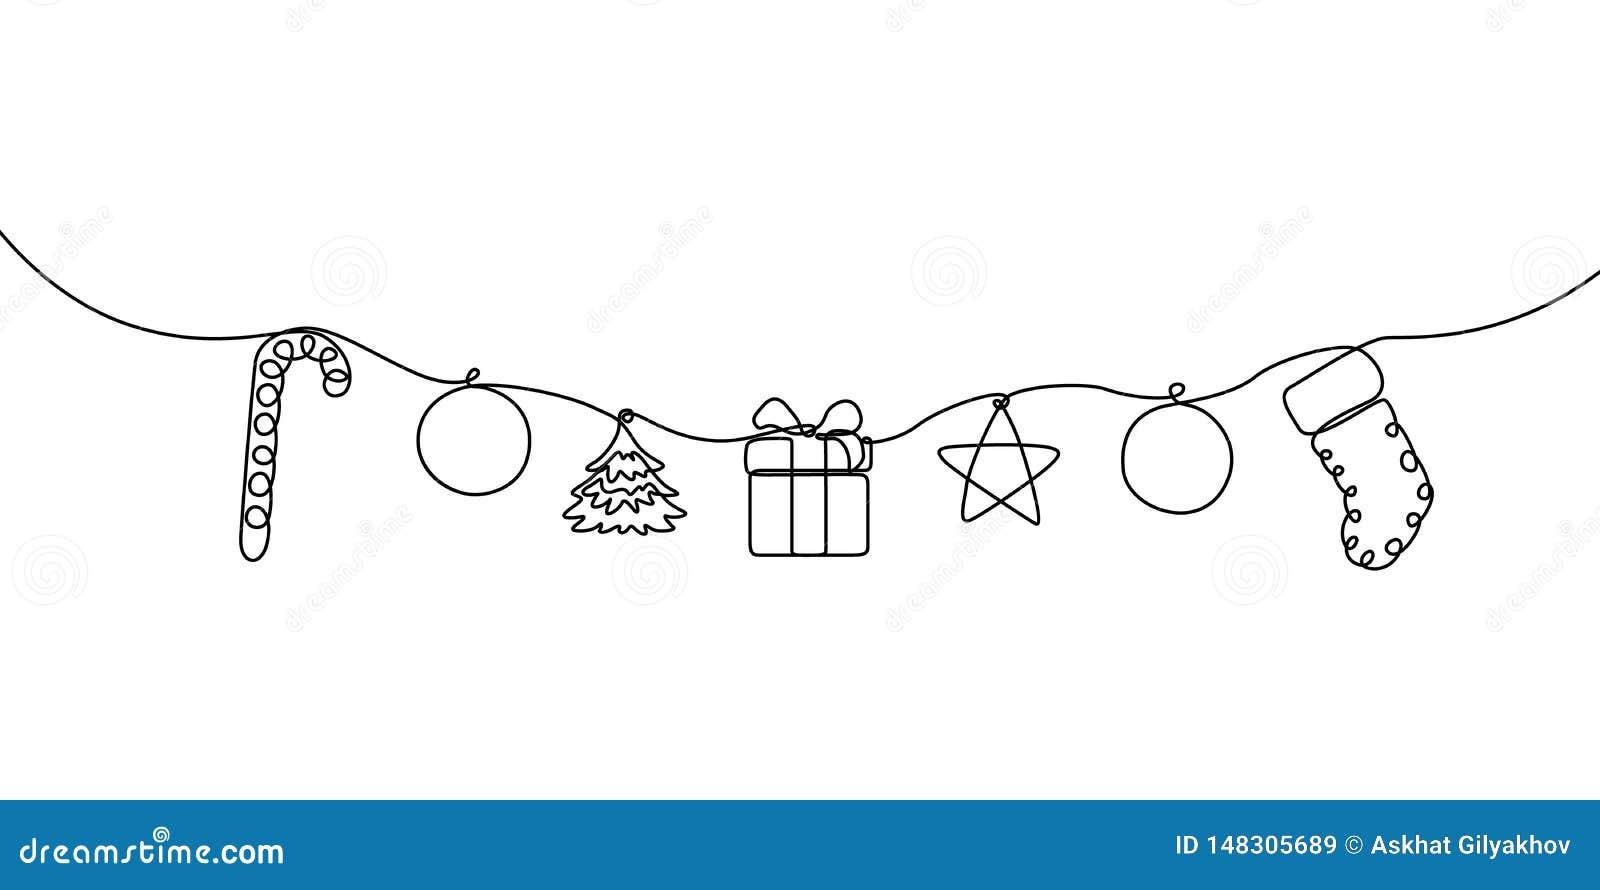 Непрерывная линия конфета, шарик, рождественская елка, подарочная коробка, звезда и носок смертной казни через повешение